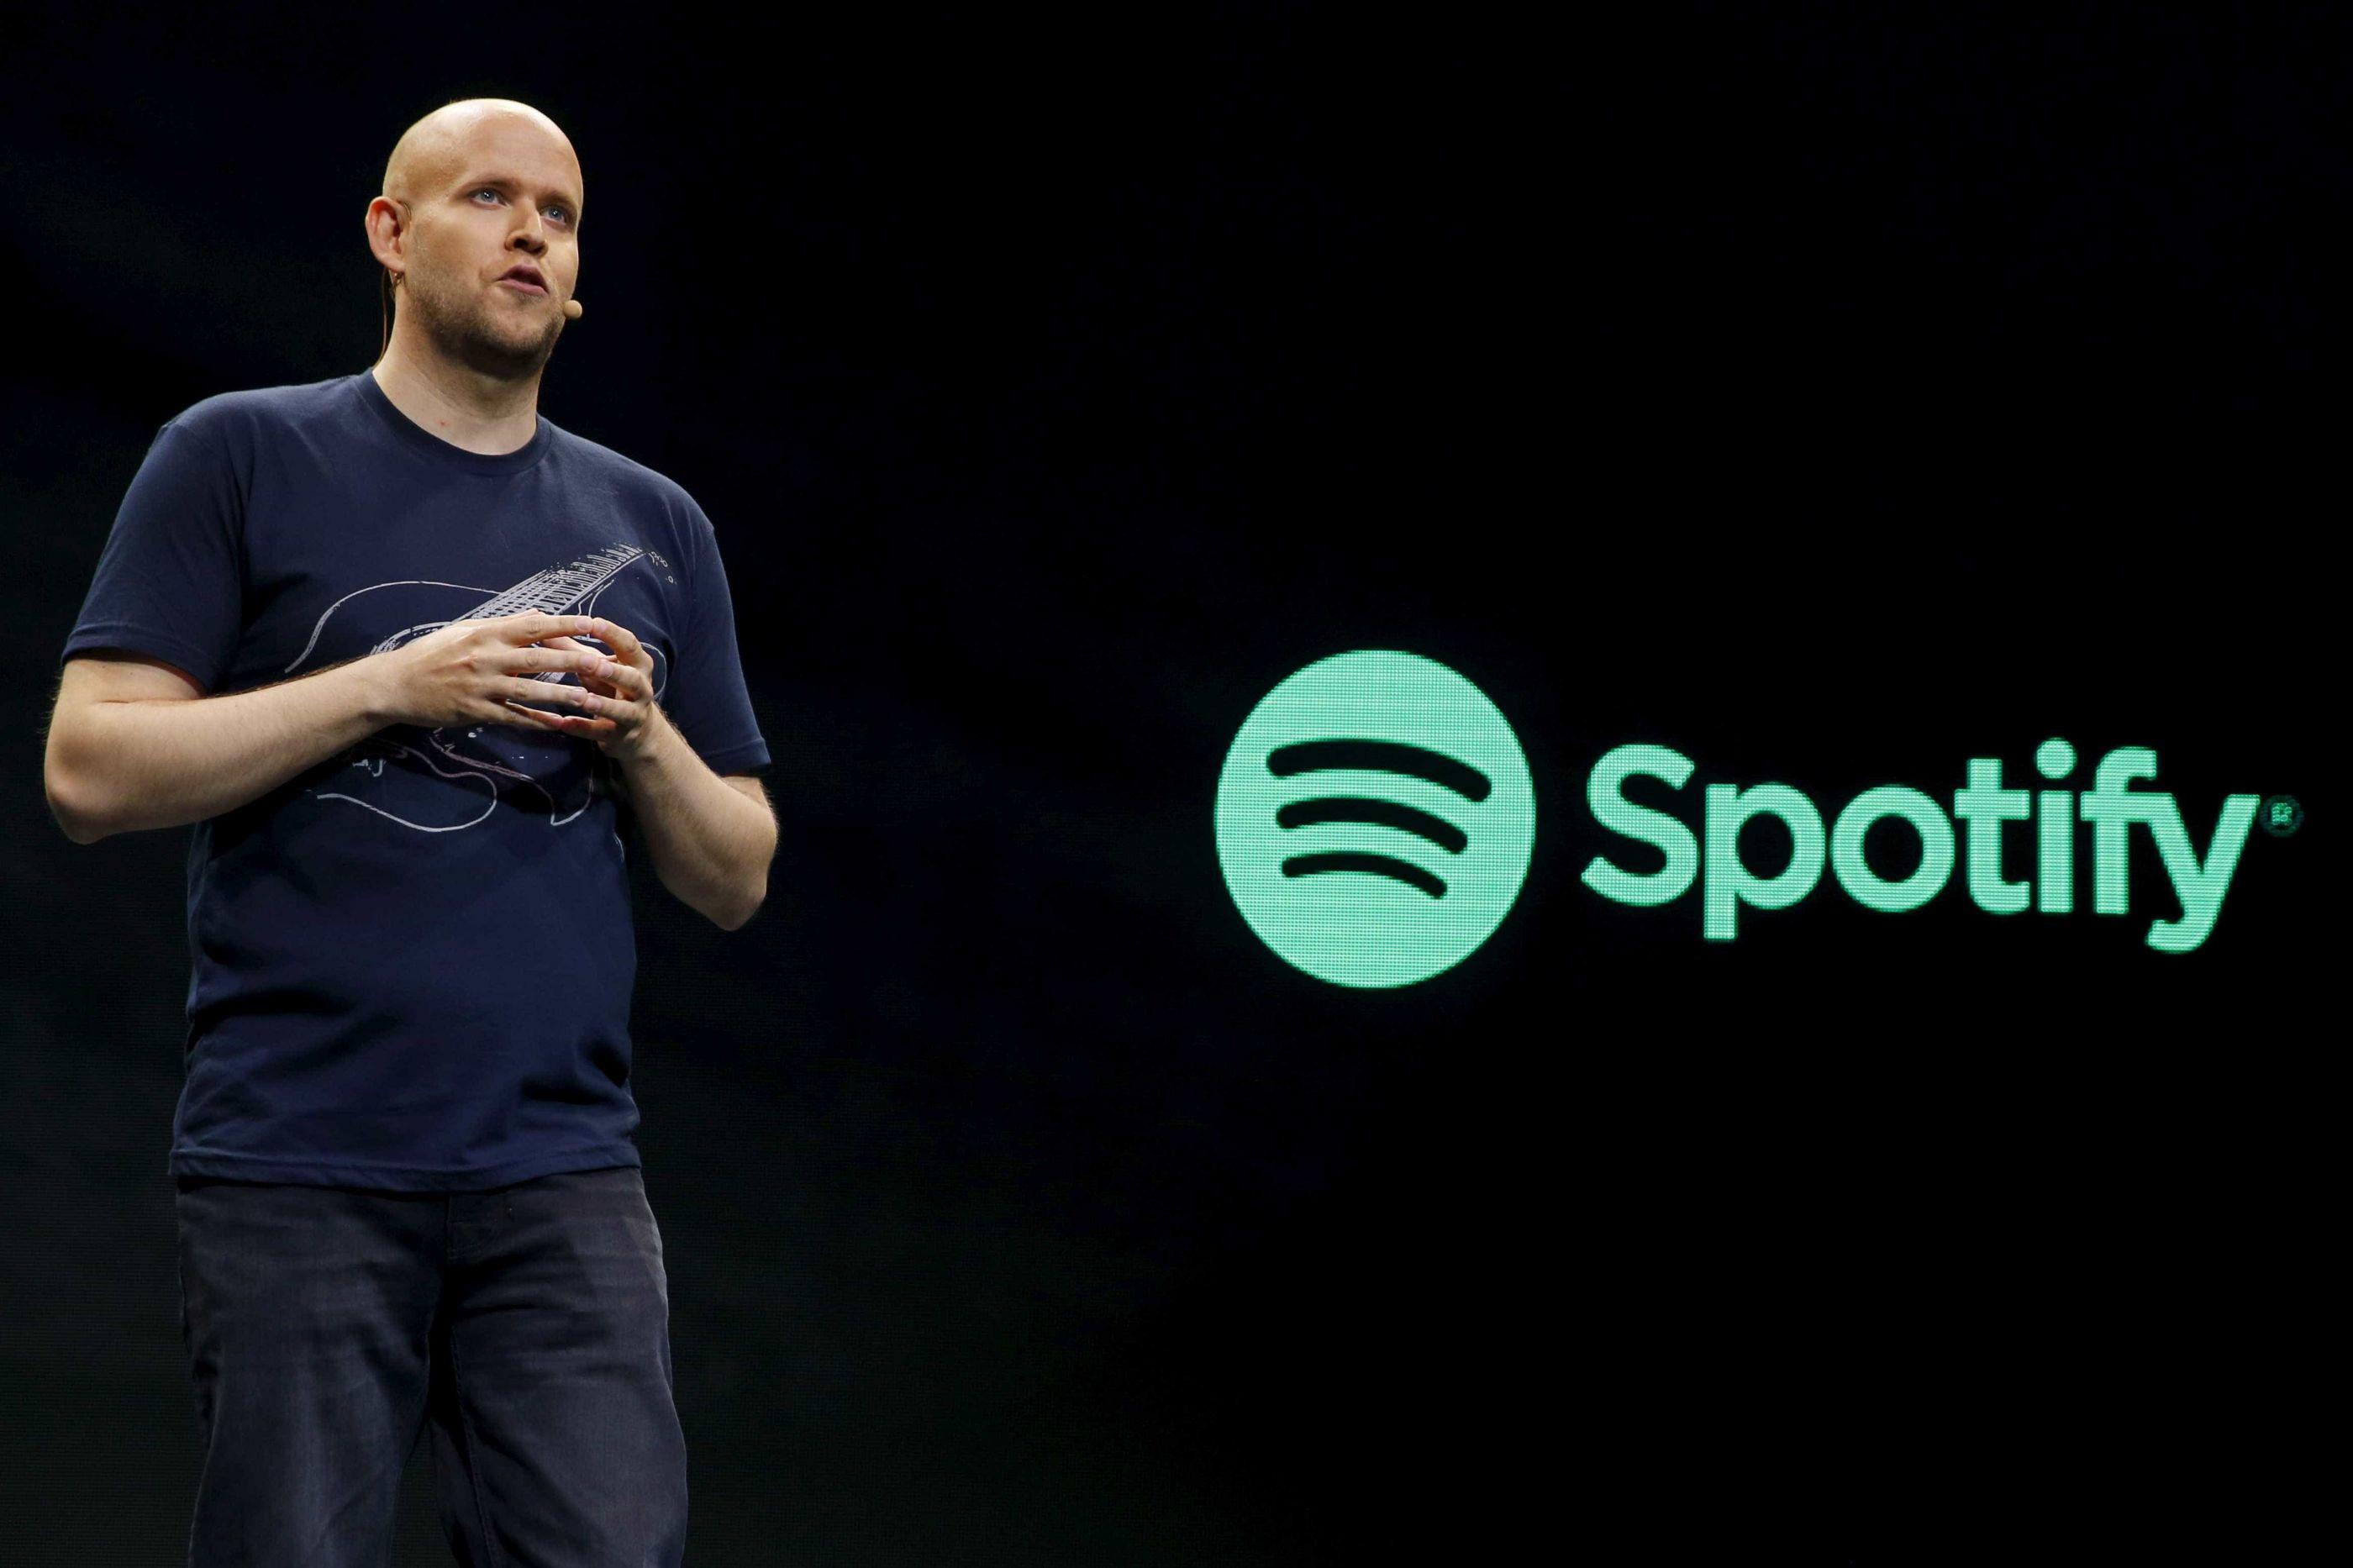 Nova regra do Spotify pode levar à suspensão de contas